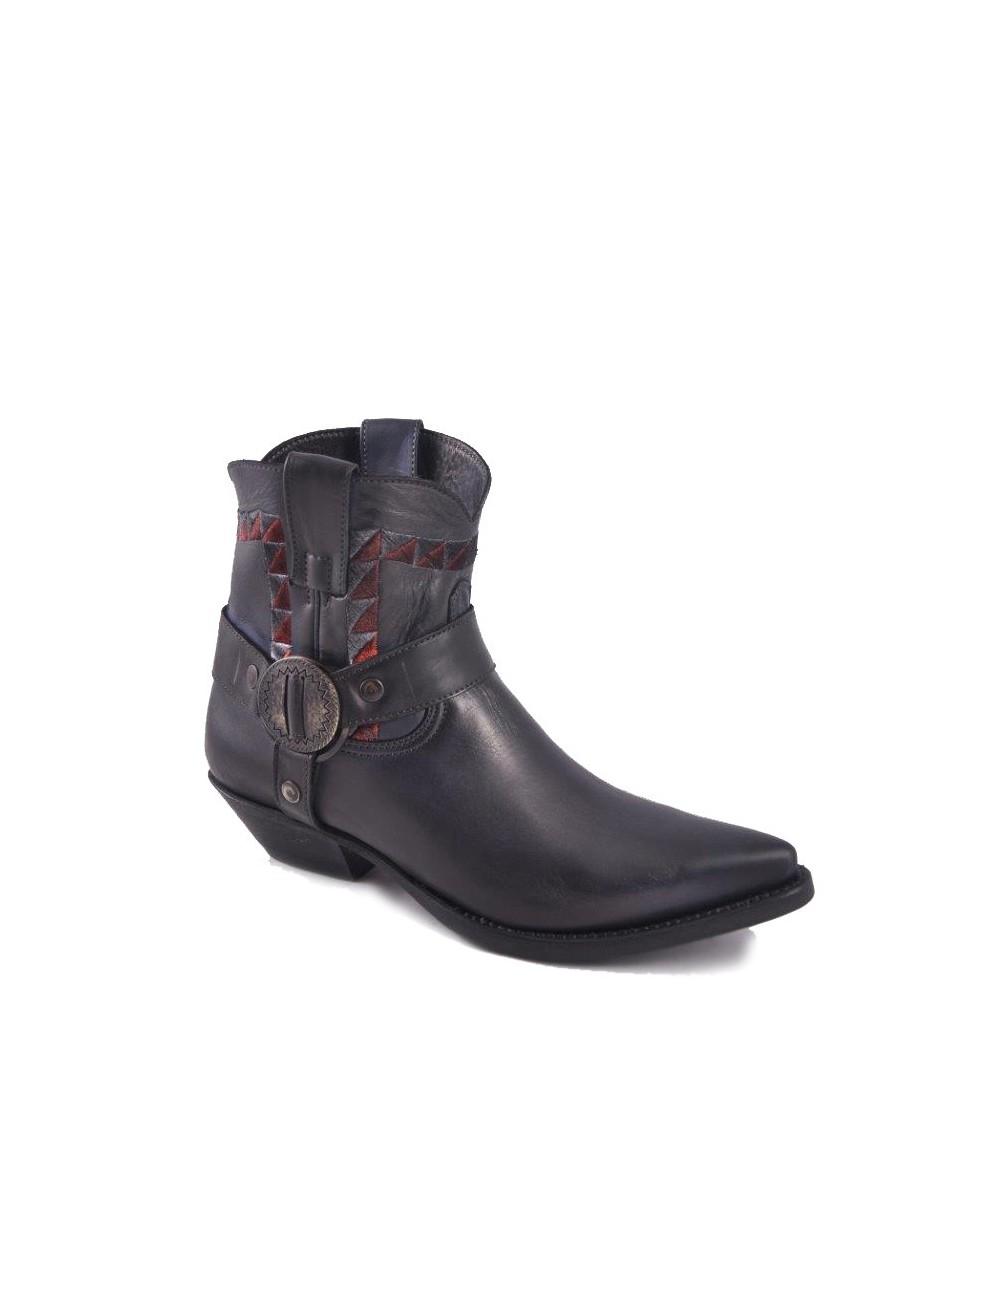 Boots western cuir noir à brides - Bottines cowboy artisanales